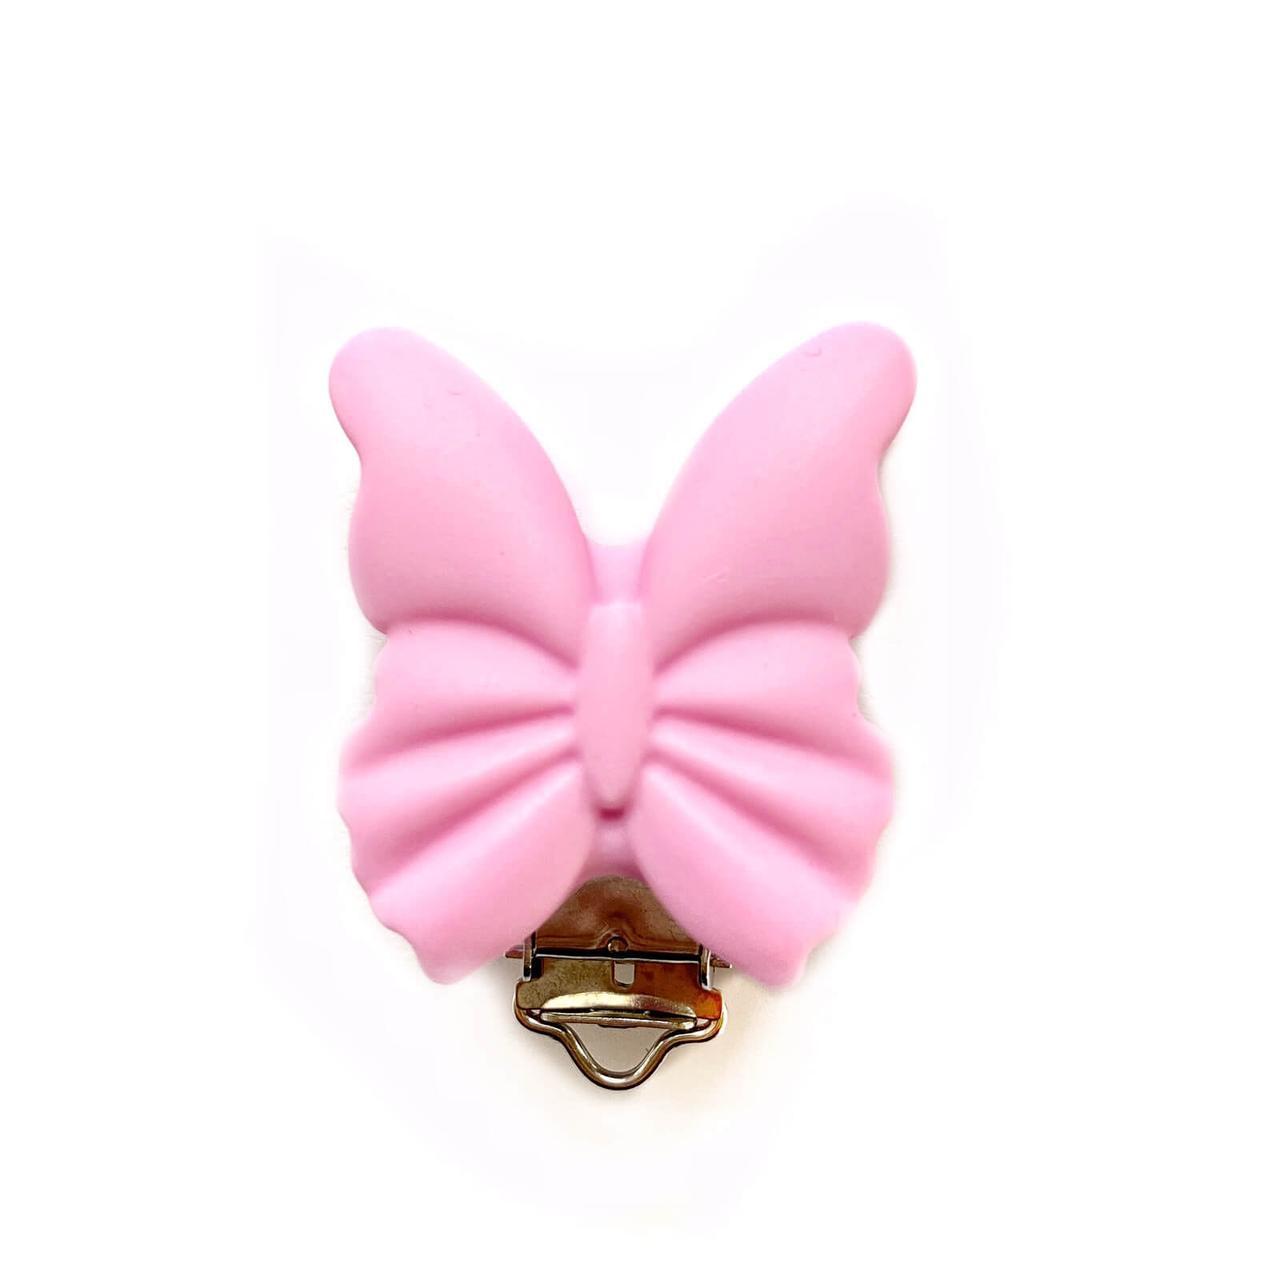 Клипса Бабочка (пейл пинк), силиконовая ПРИЩЕПКА для соски